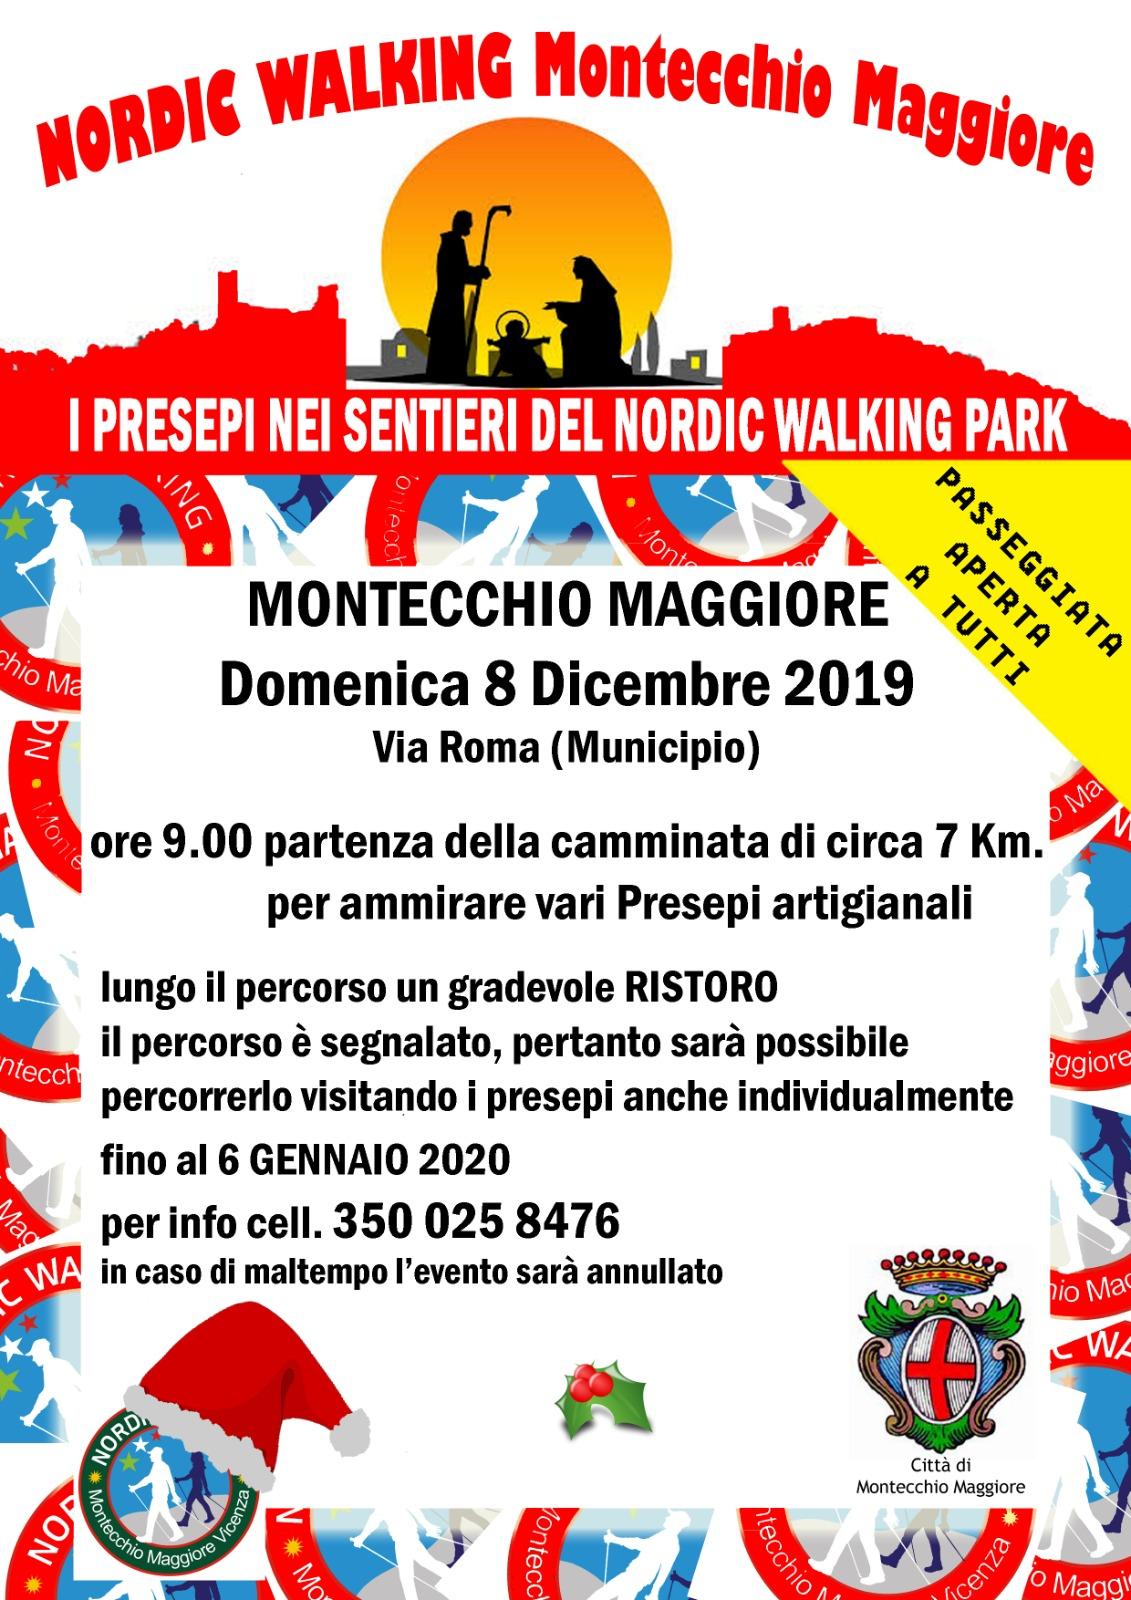 I presepi nei sentieri del Nordic Walking Park – 8 dicembre 2019 a Montecchio Maggiore (VI)